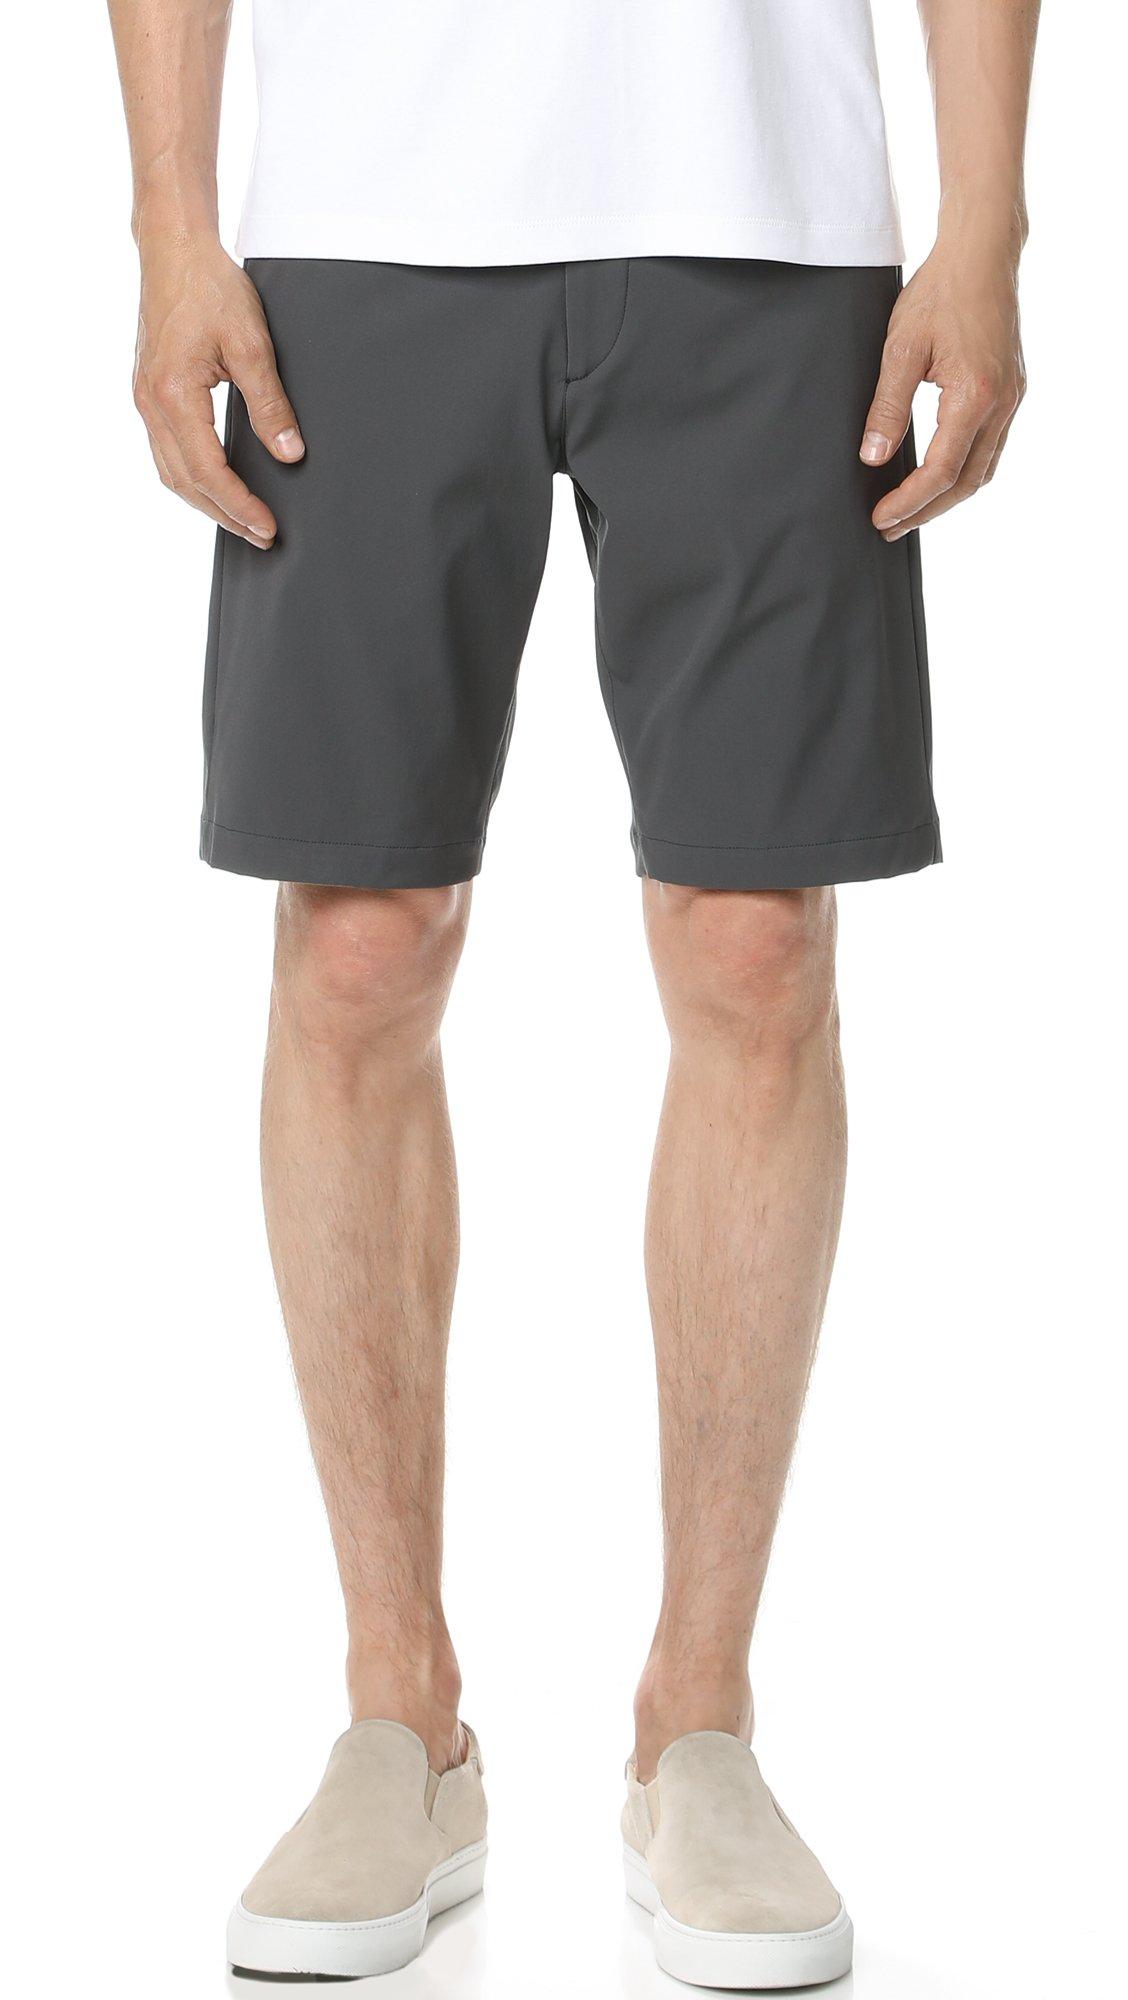 Theory Men's Zaine Neoteric Shorts, Dark Grey, 32